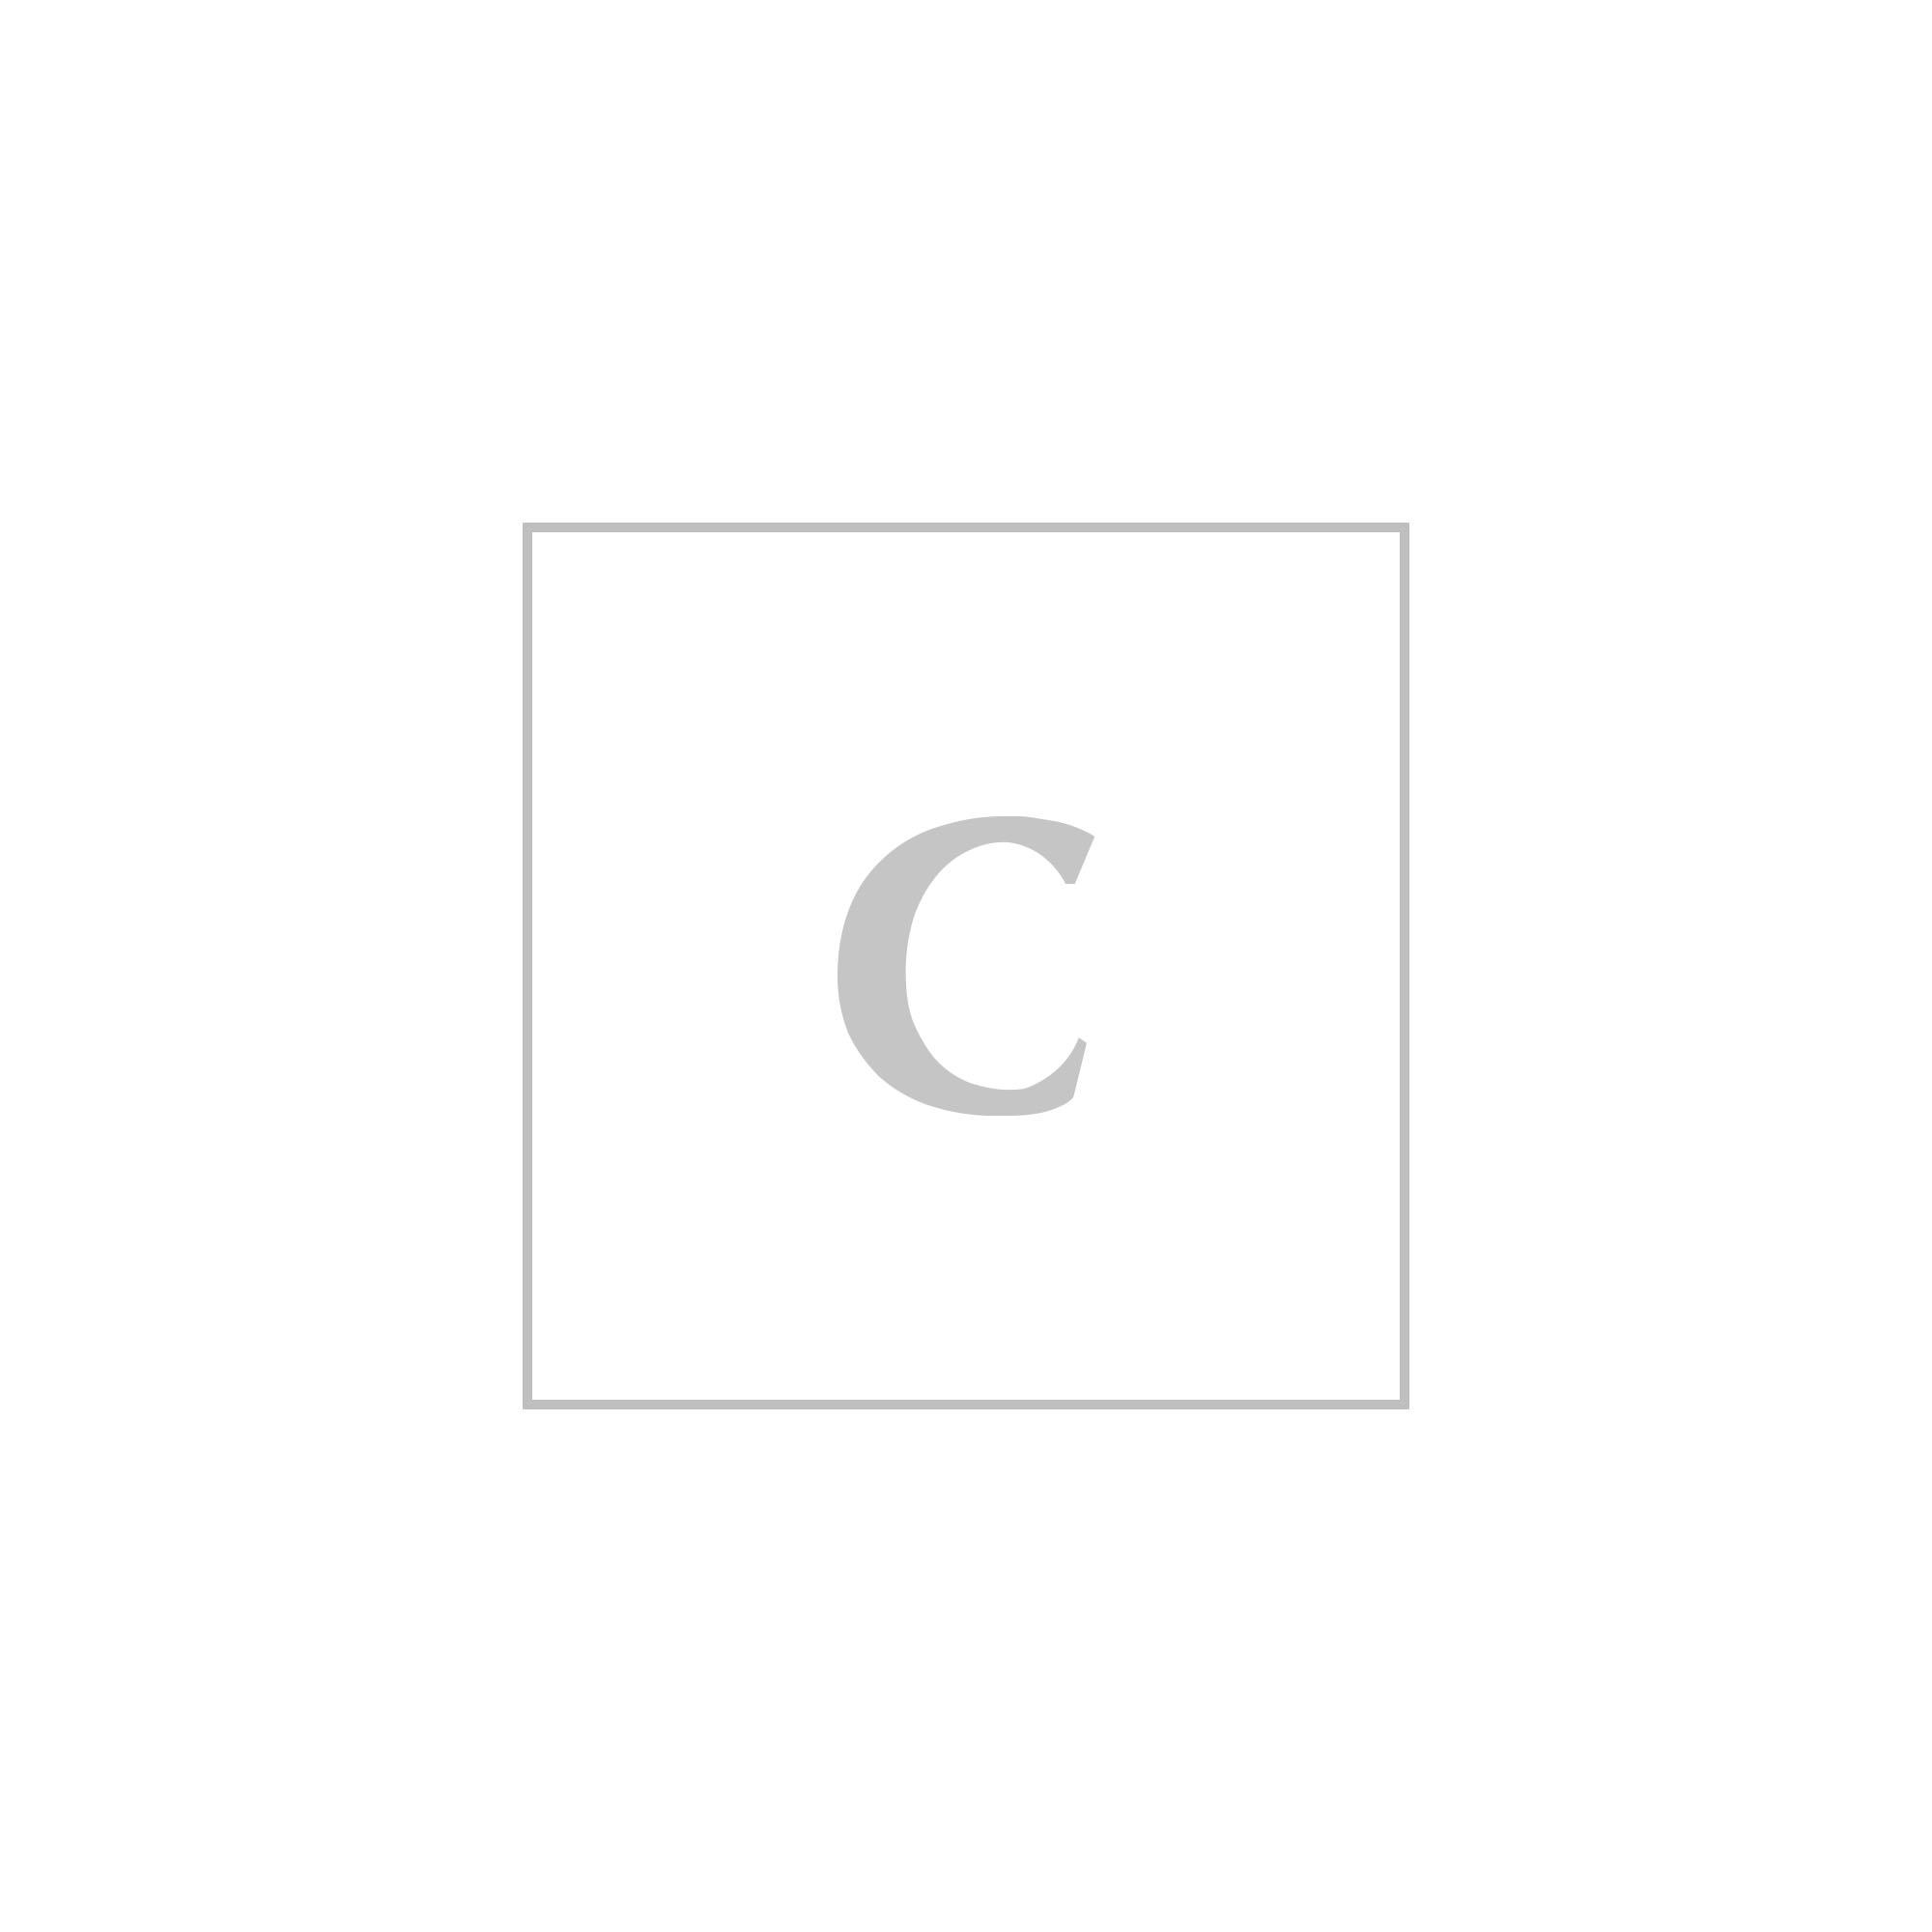 Dolce & gabbana textured calfskin document holder